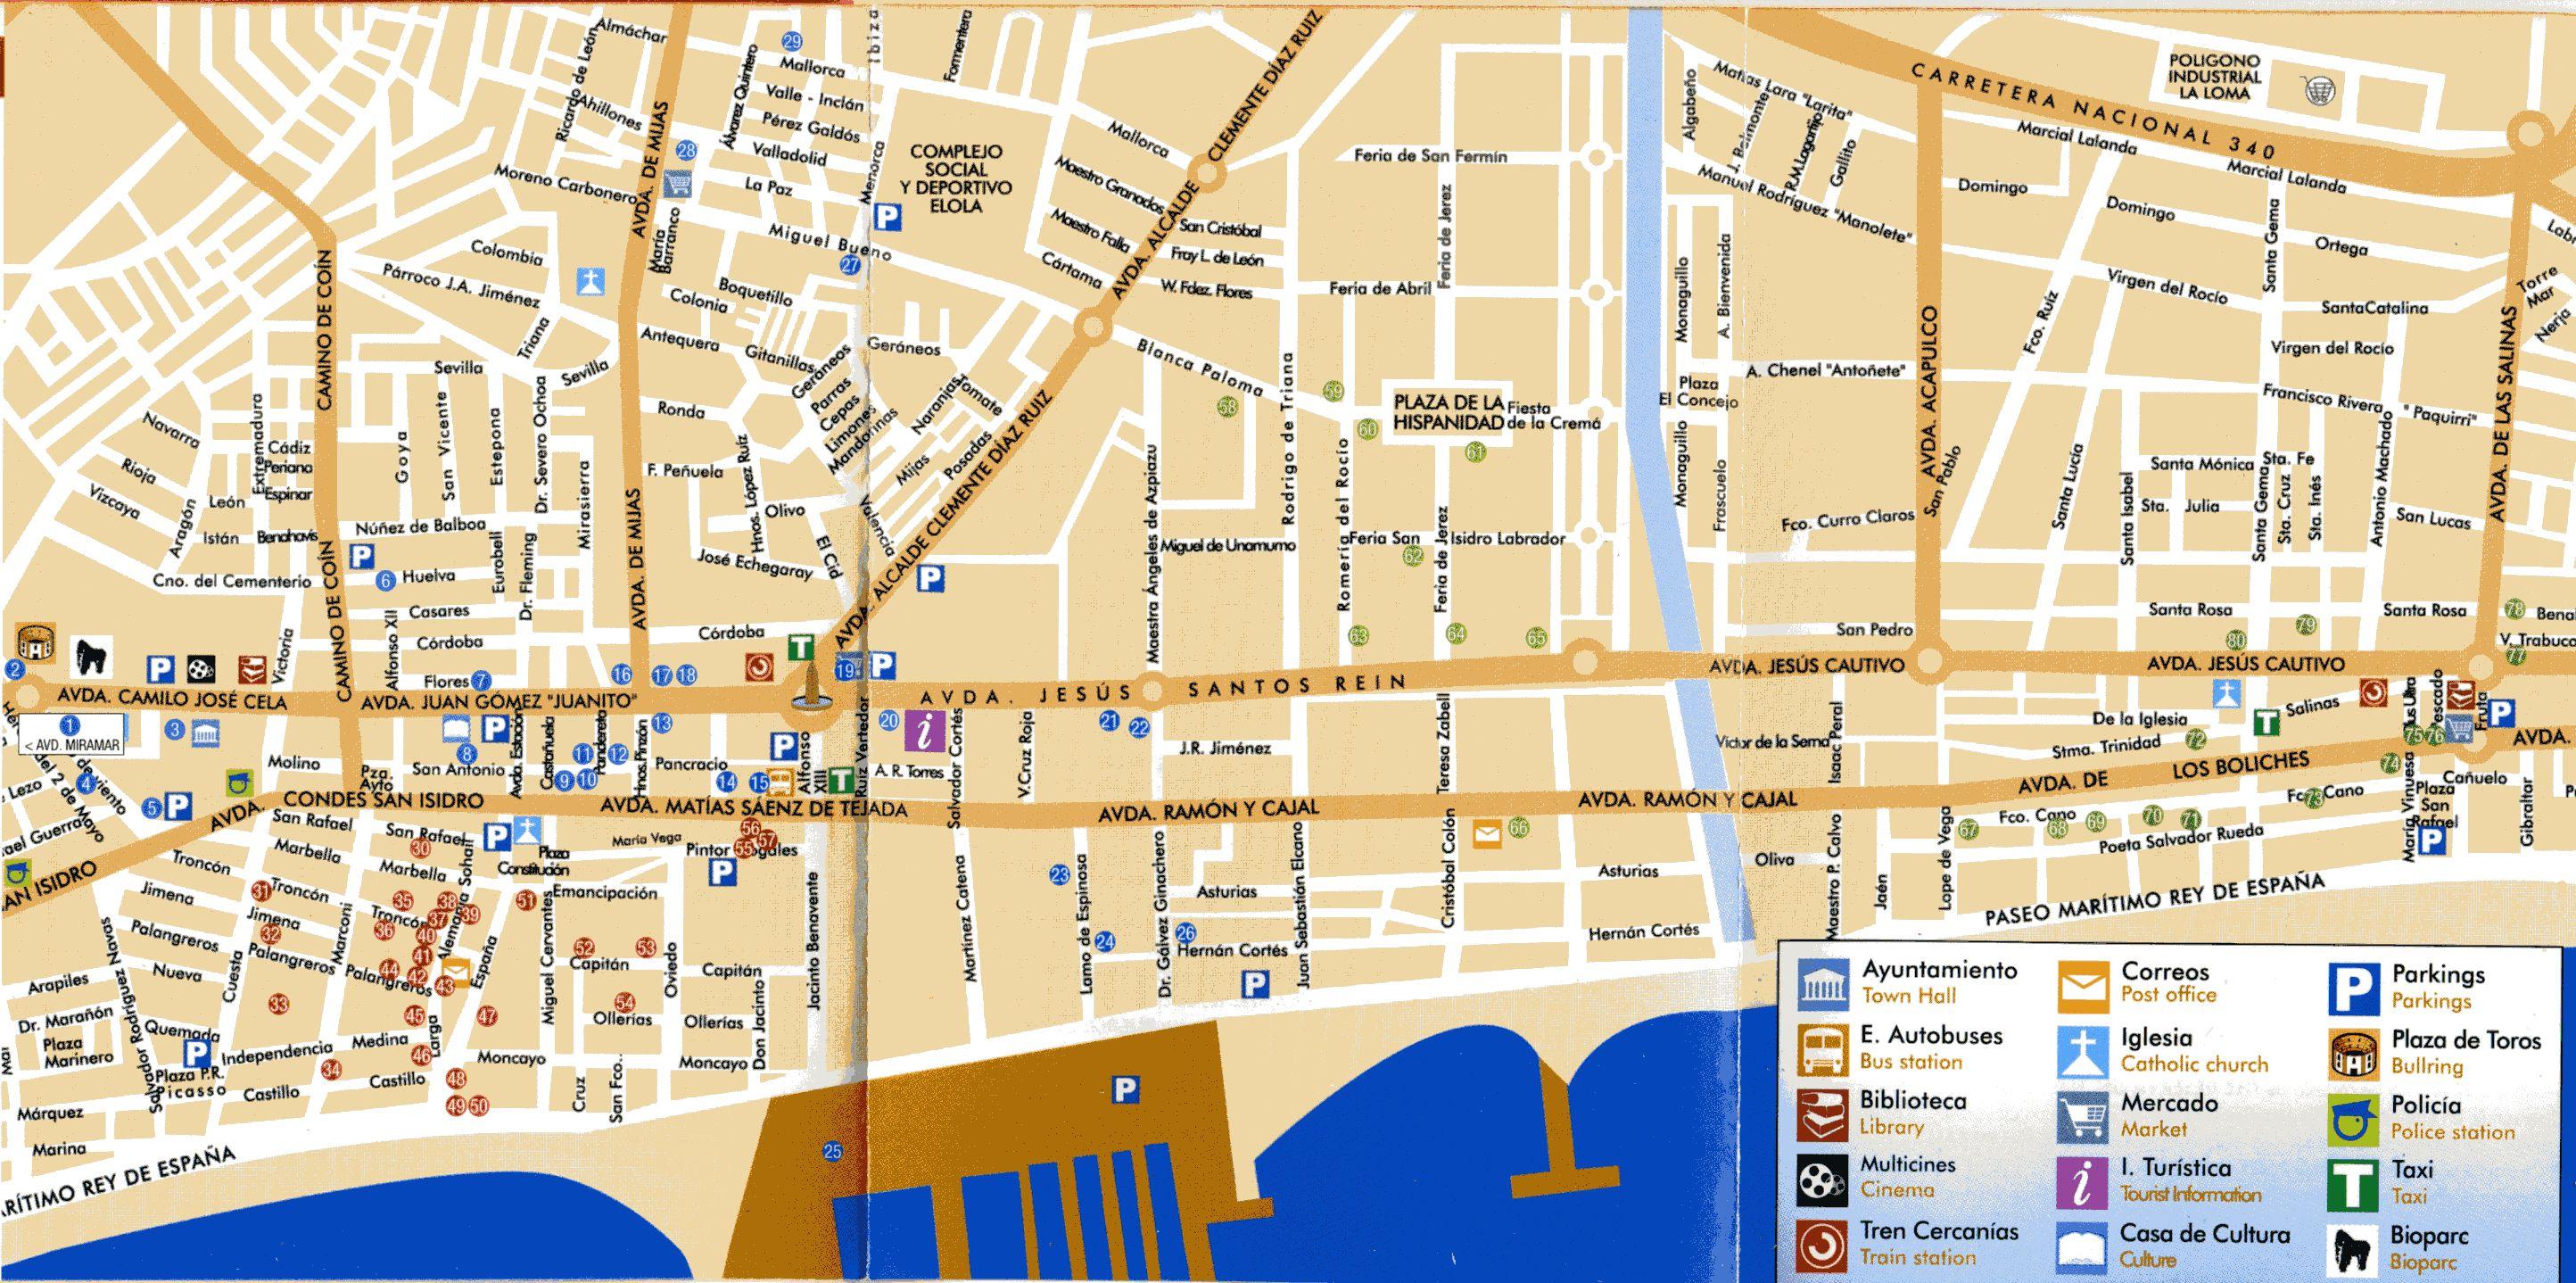 Mapa de las ubicaciones